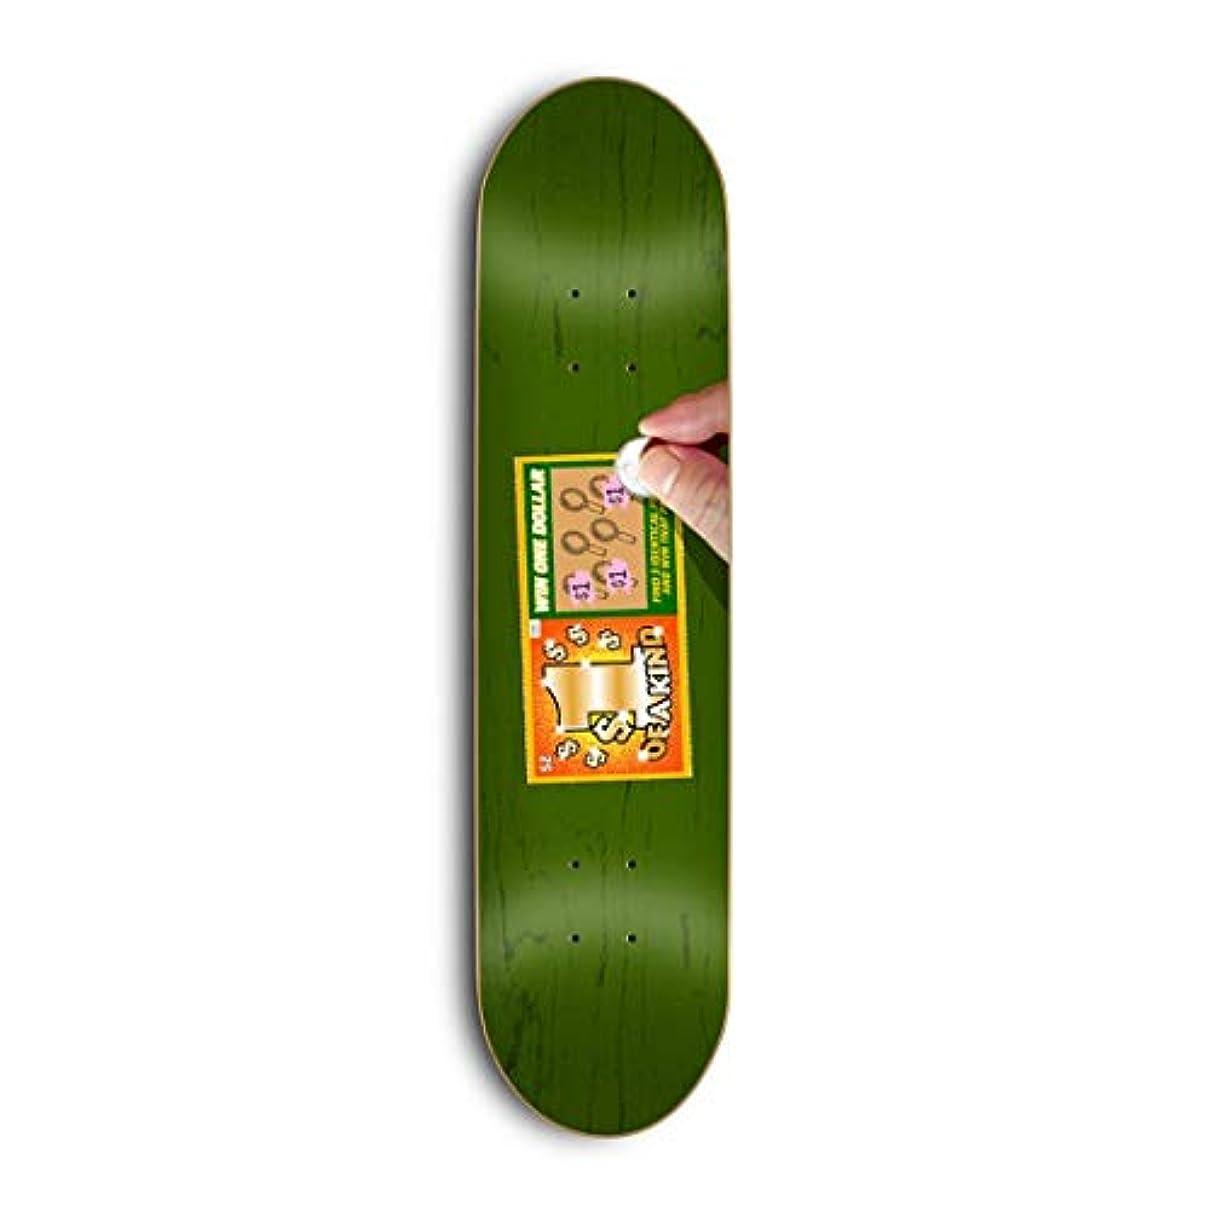 裏切り減少写真を撮るSkate Mental スケートボードデッキ Kleppan Scratcher 8.375インチ